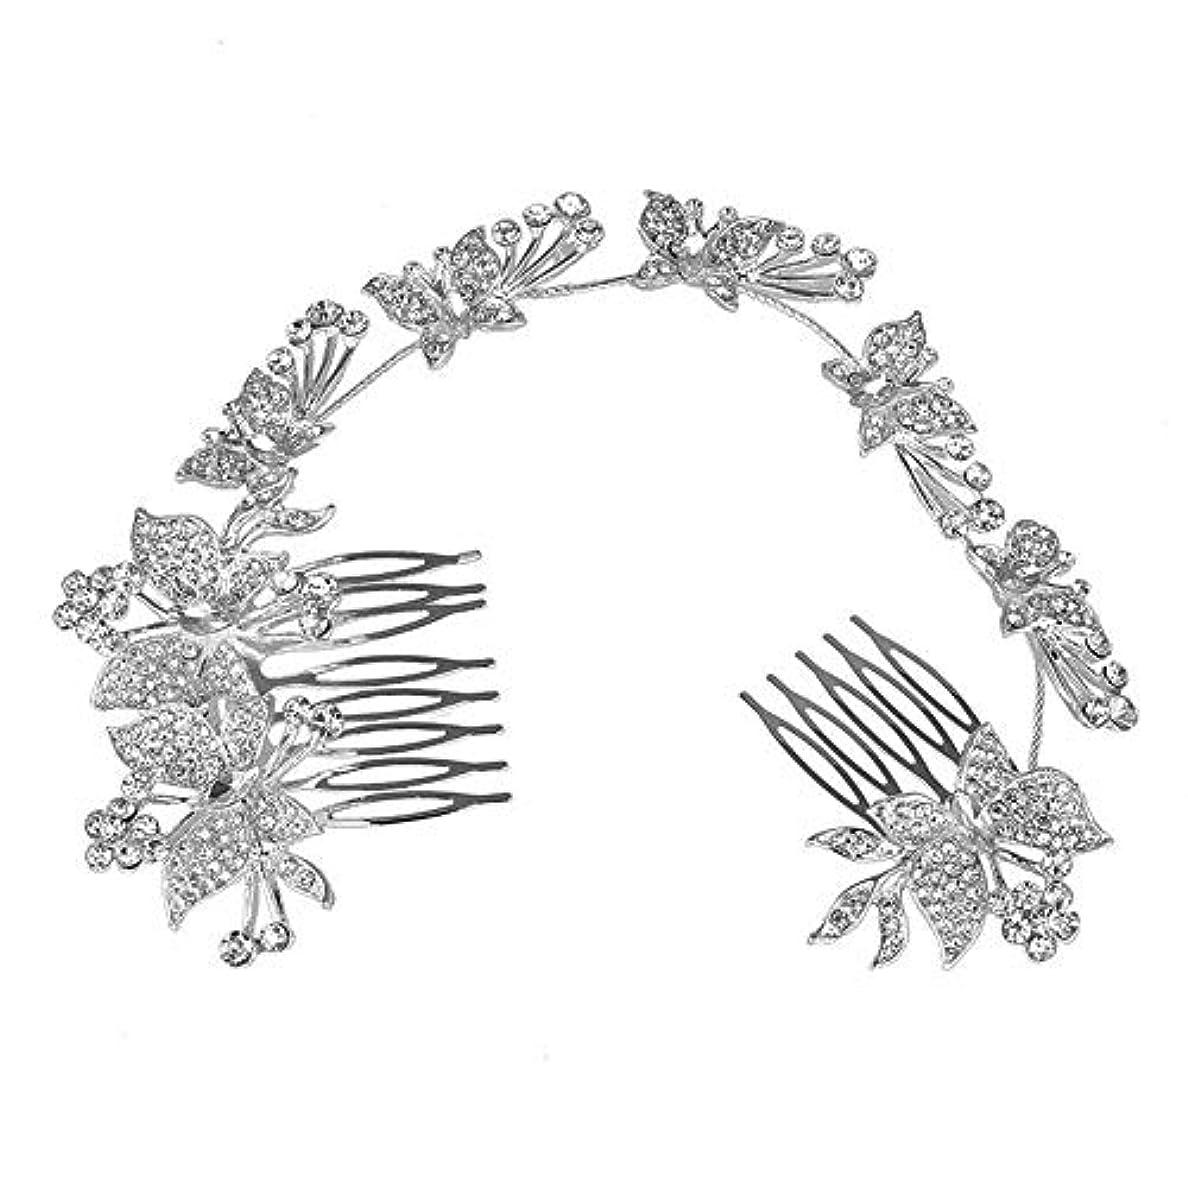 相互接続負荷カーテン髪の櫛、櫛、蝶、髪の櫛、ブライダル髪の櫛、結婚式の髪の櫛、ラインストーンの櫛、ヘッドギア